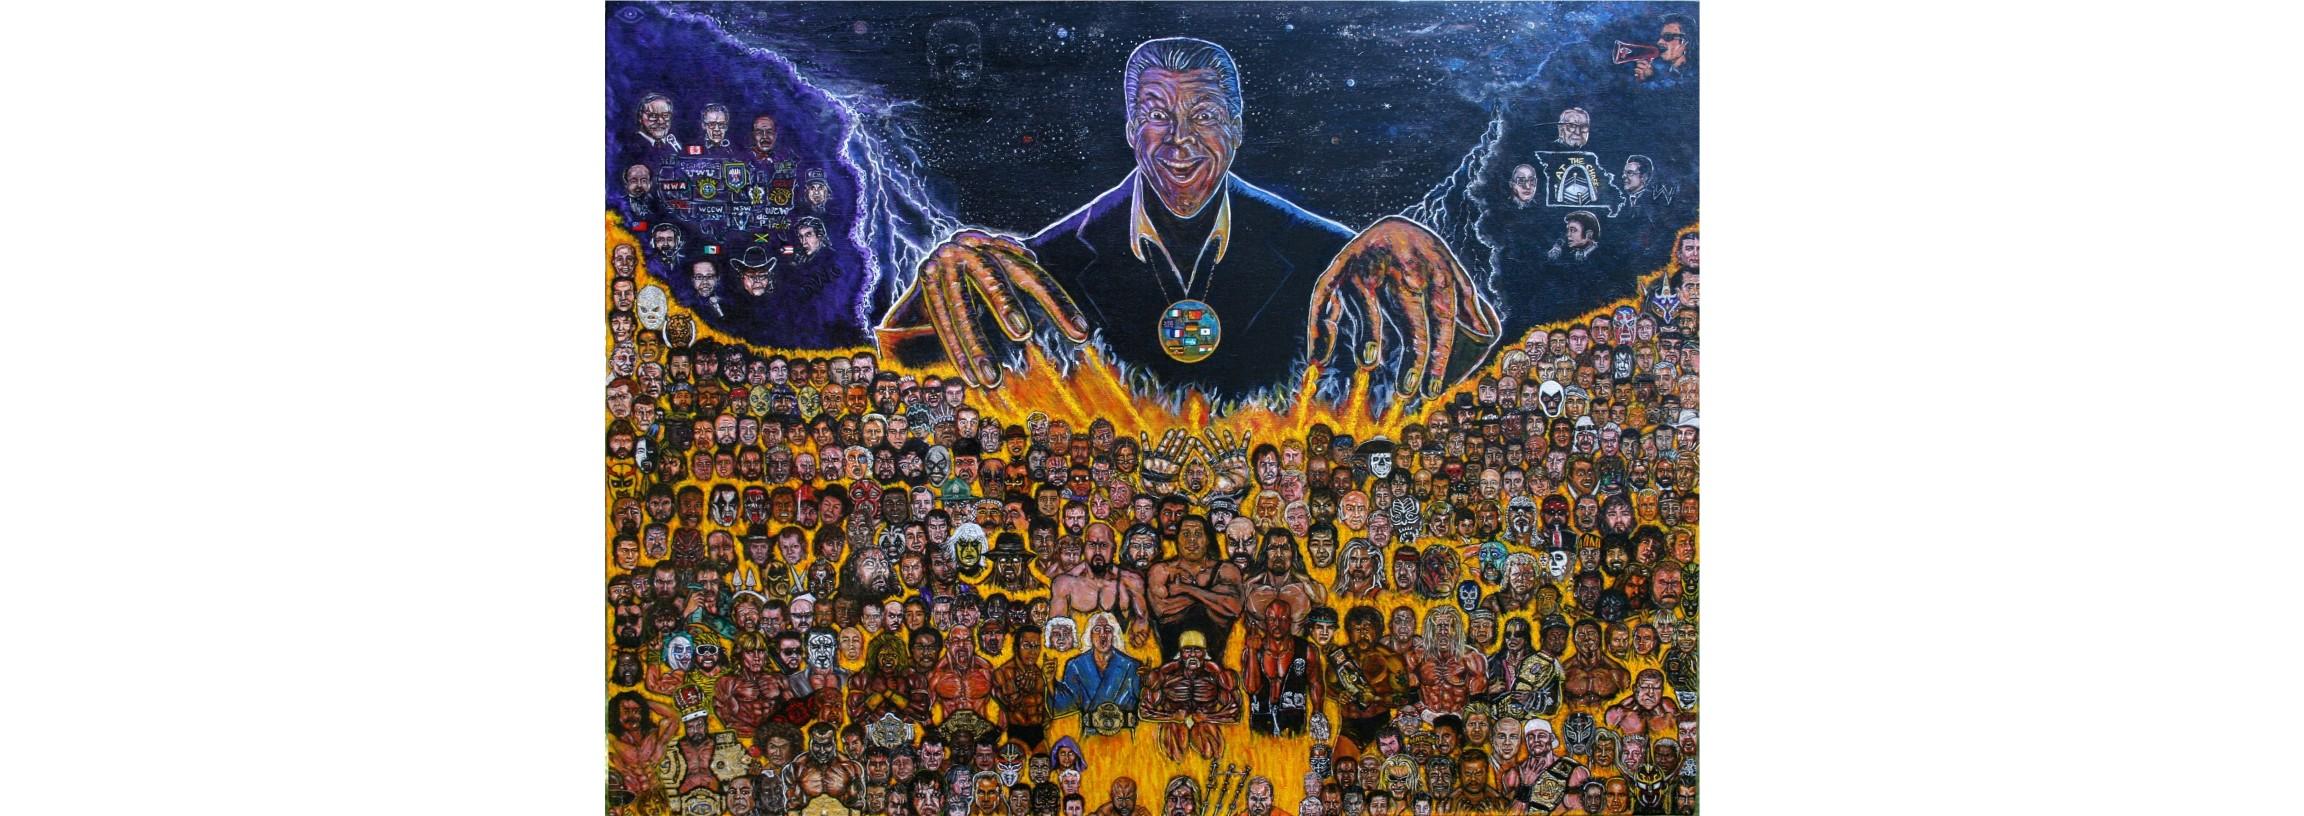 Icons of wrestling art 1